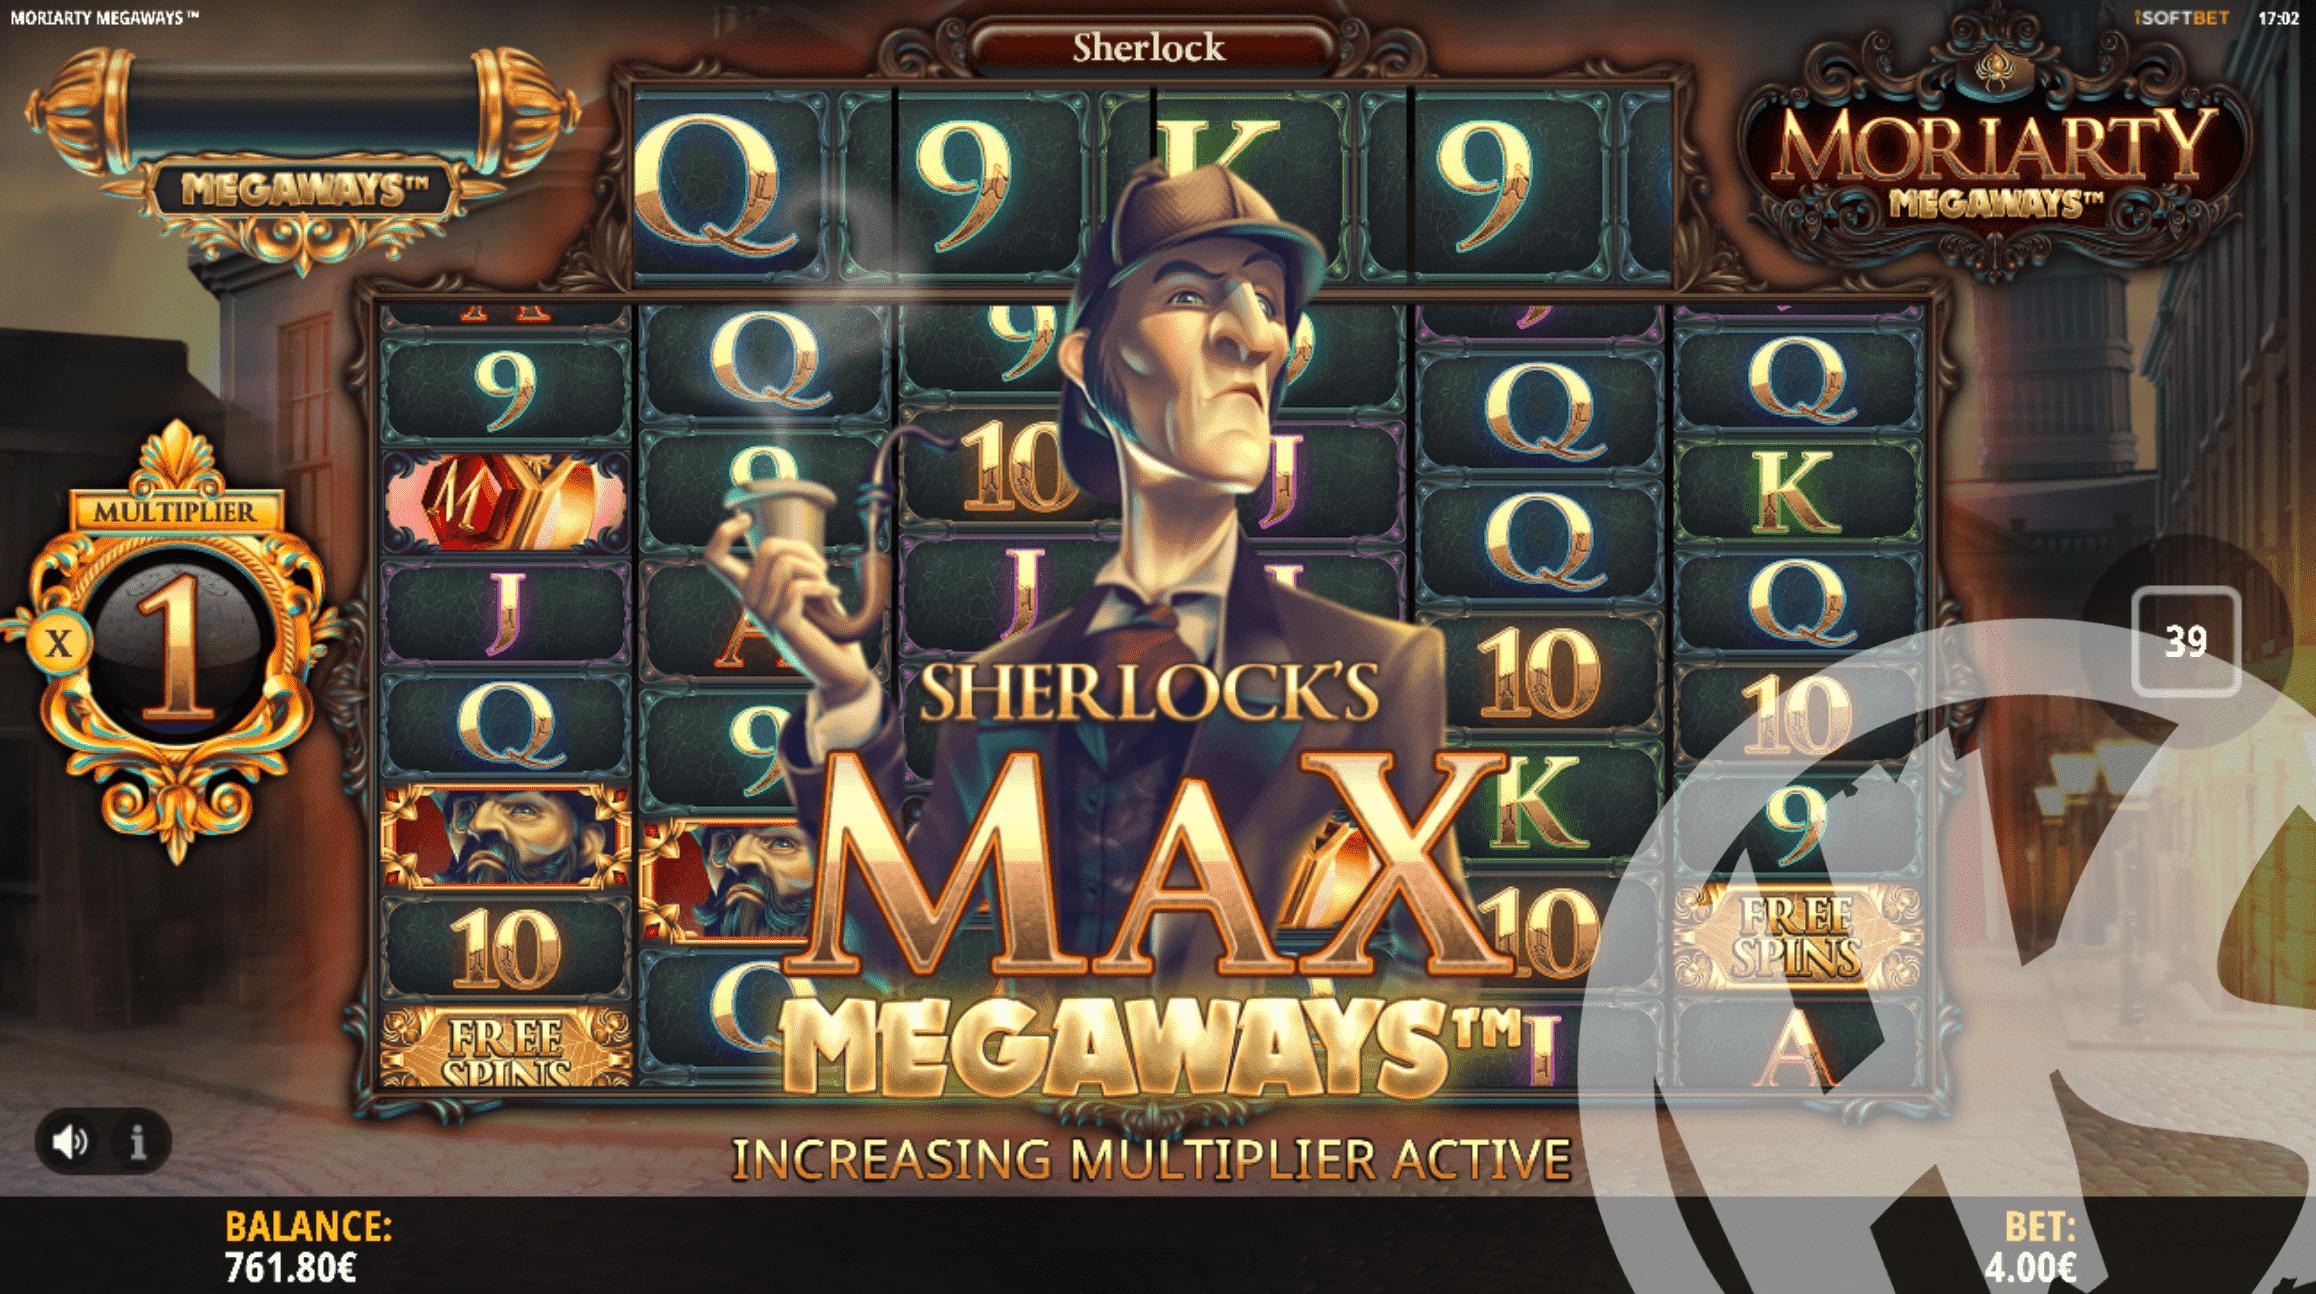 Sherlock Max Megaways